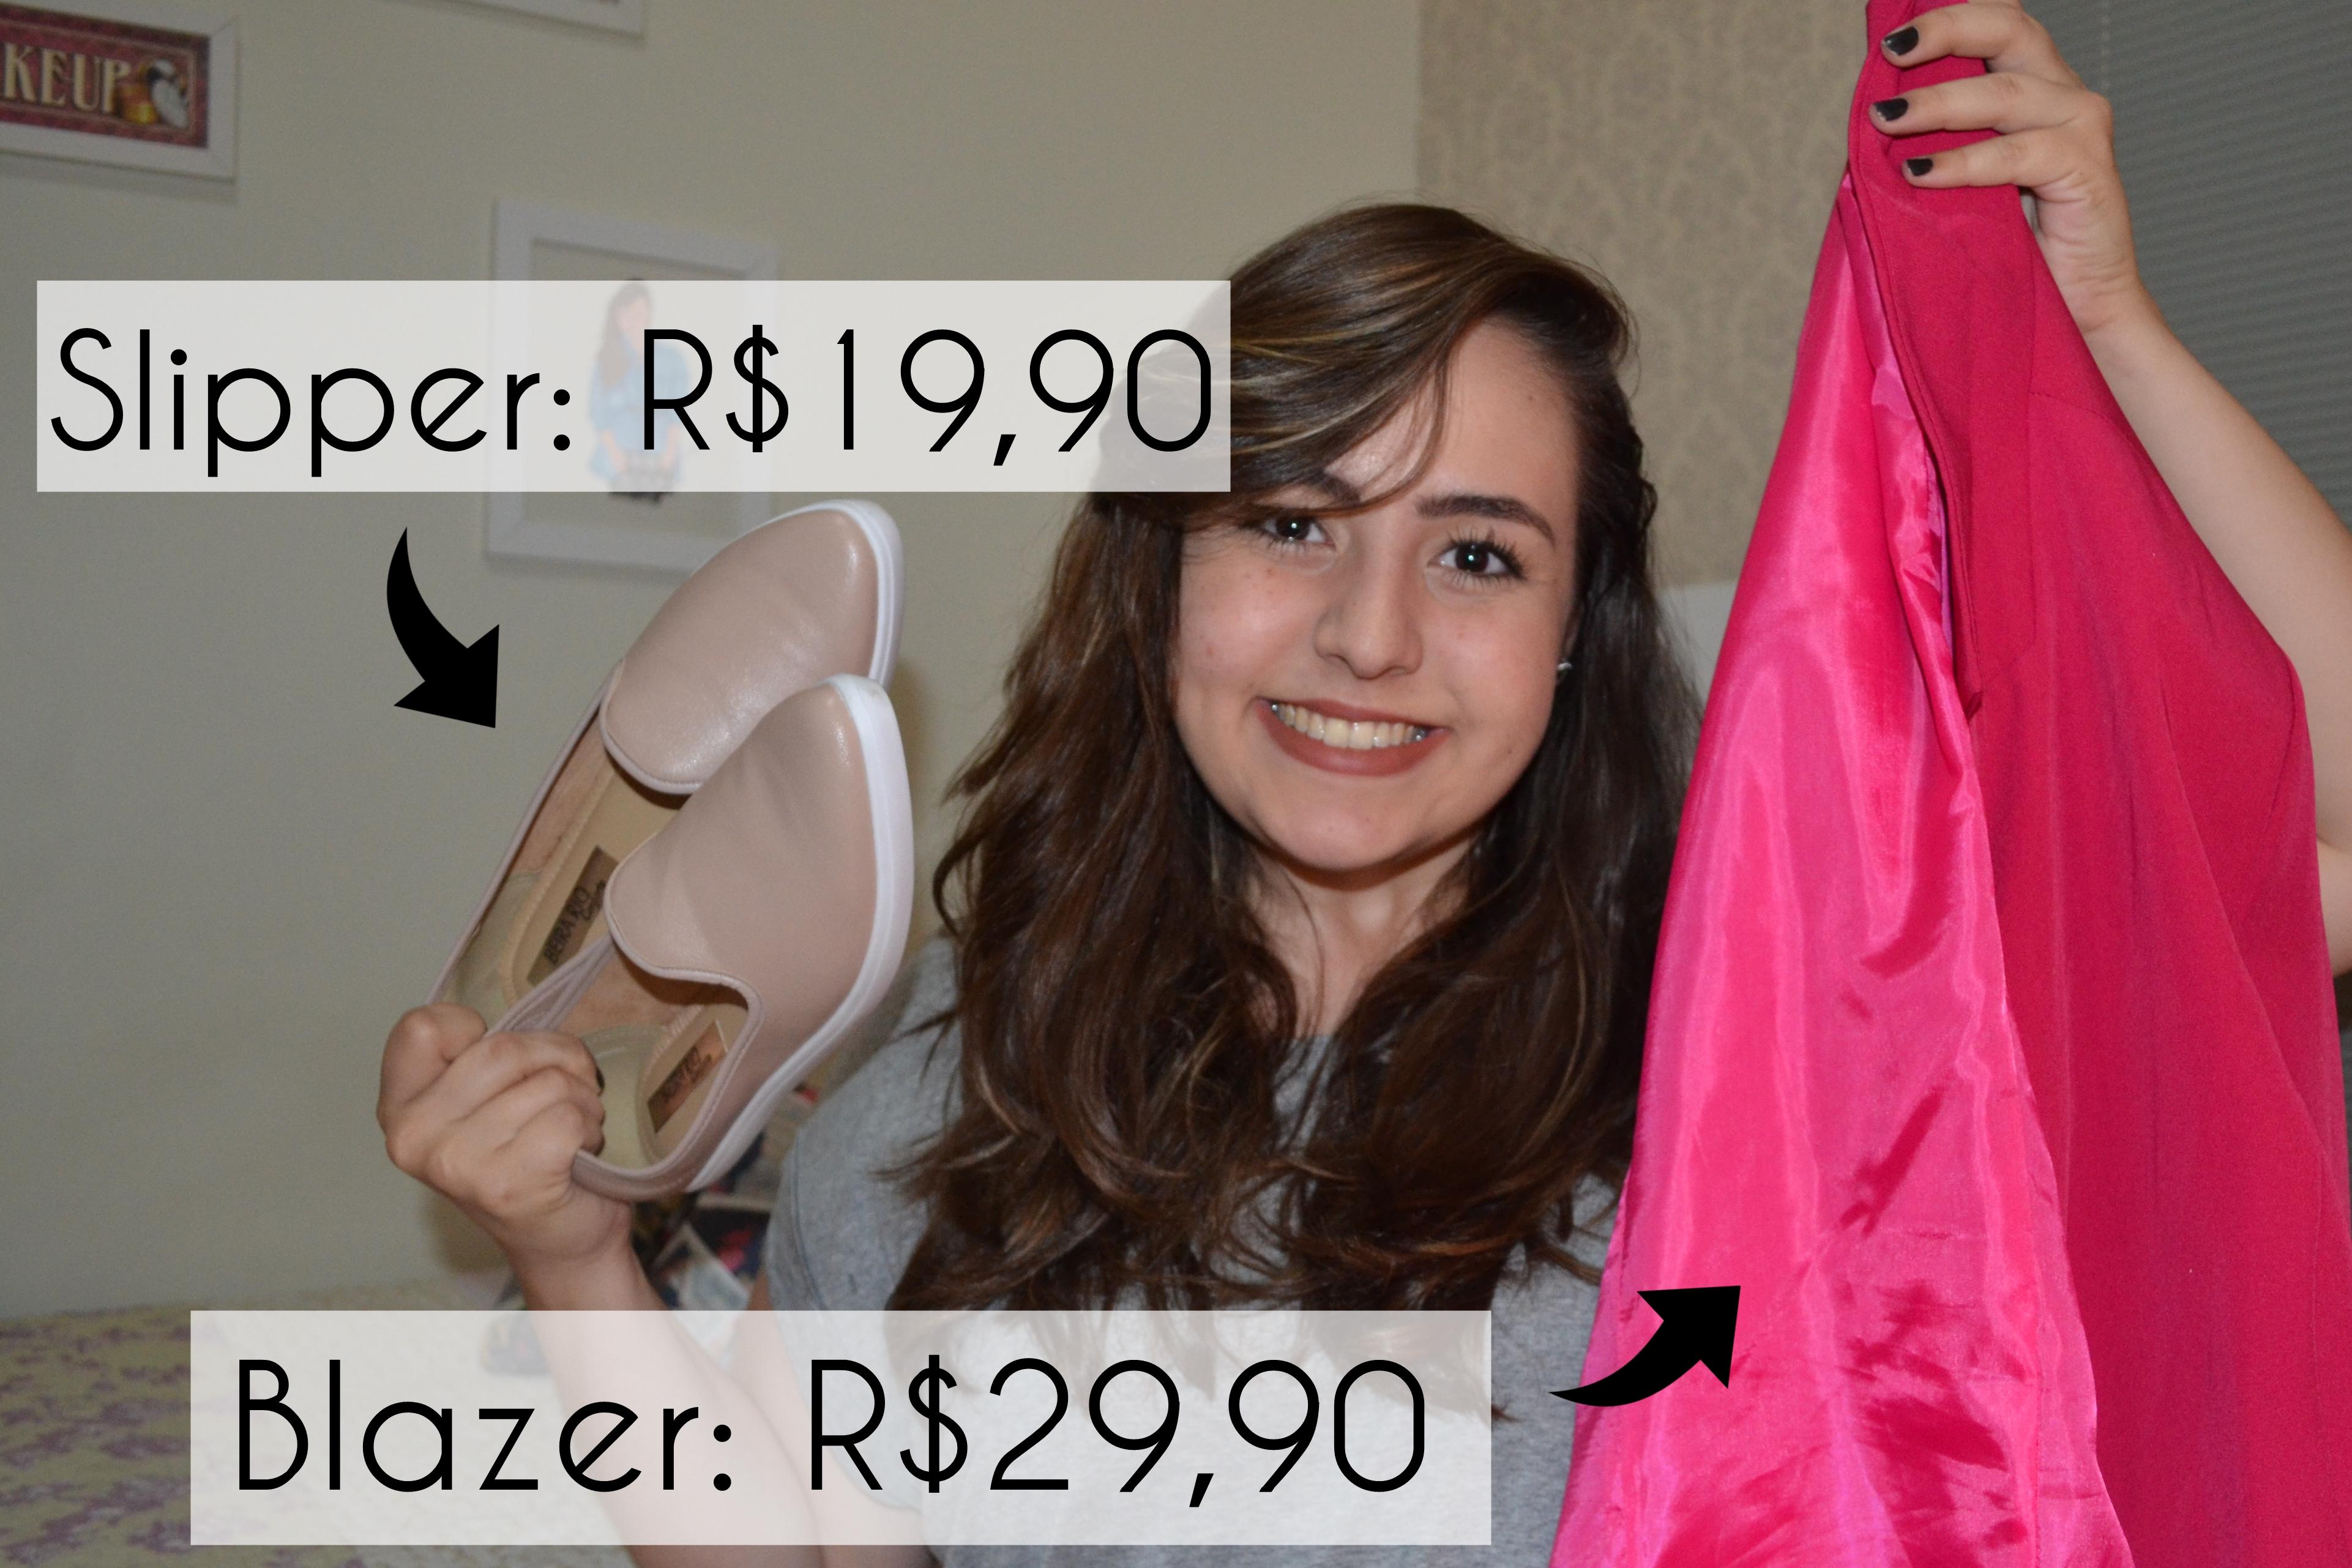 comprinhas+fashion+plus+size+moda+blog+cinderela+de+mentira+1